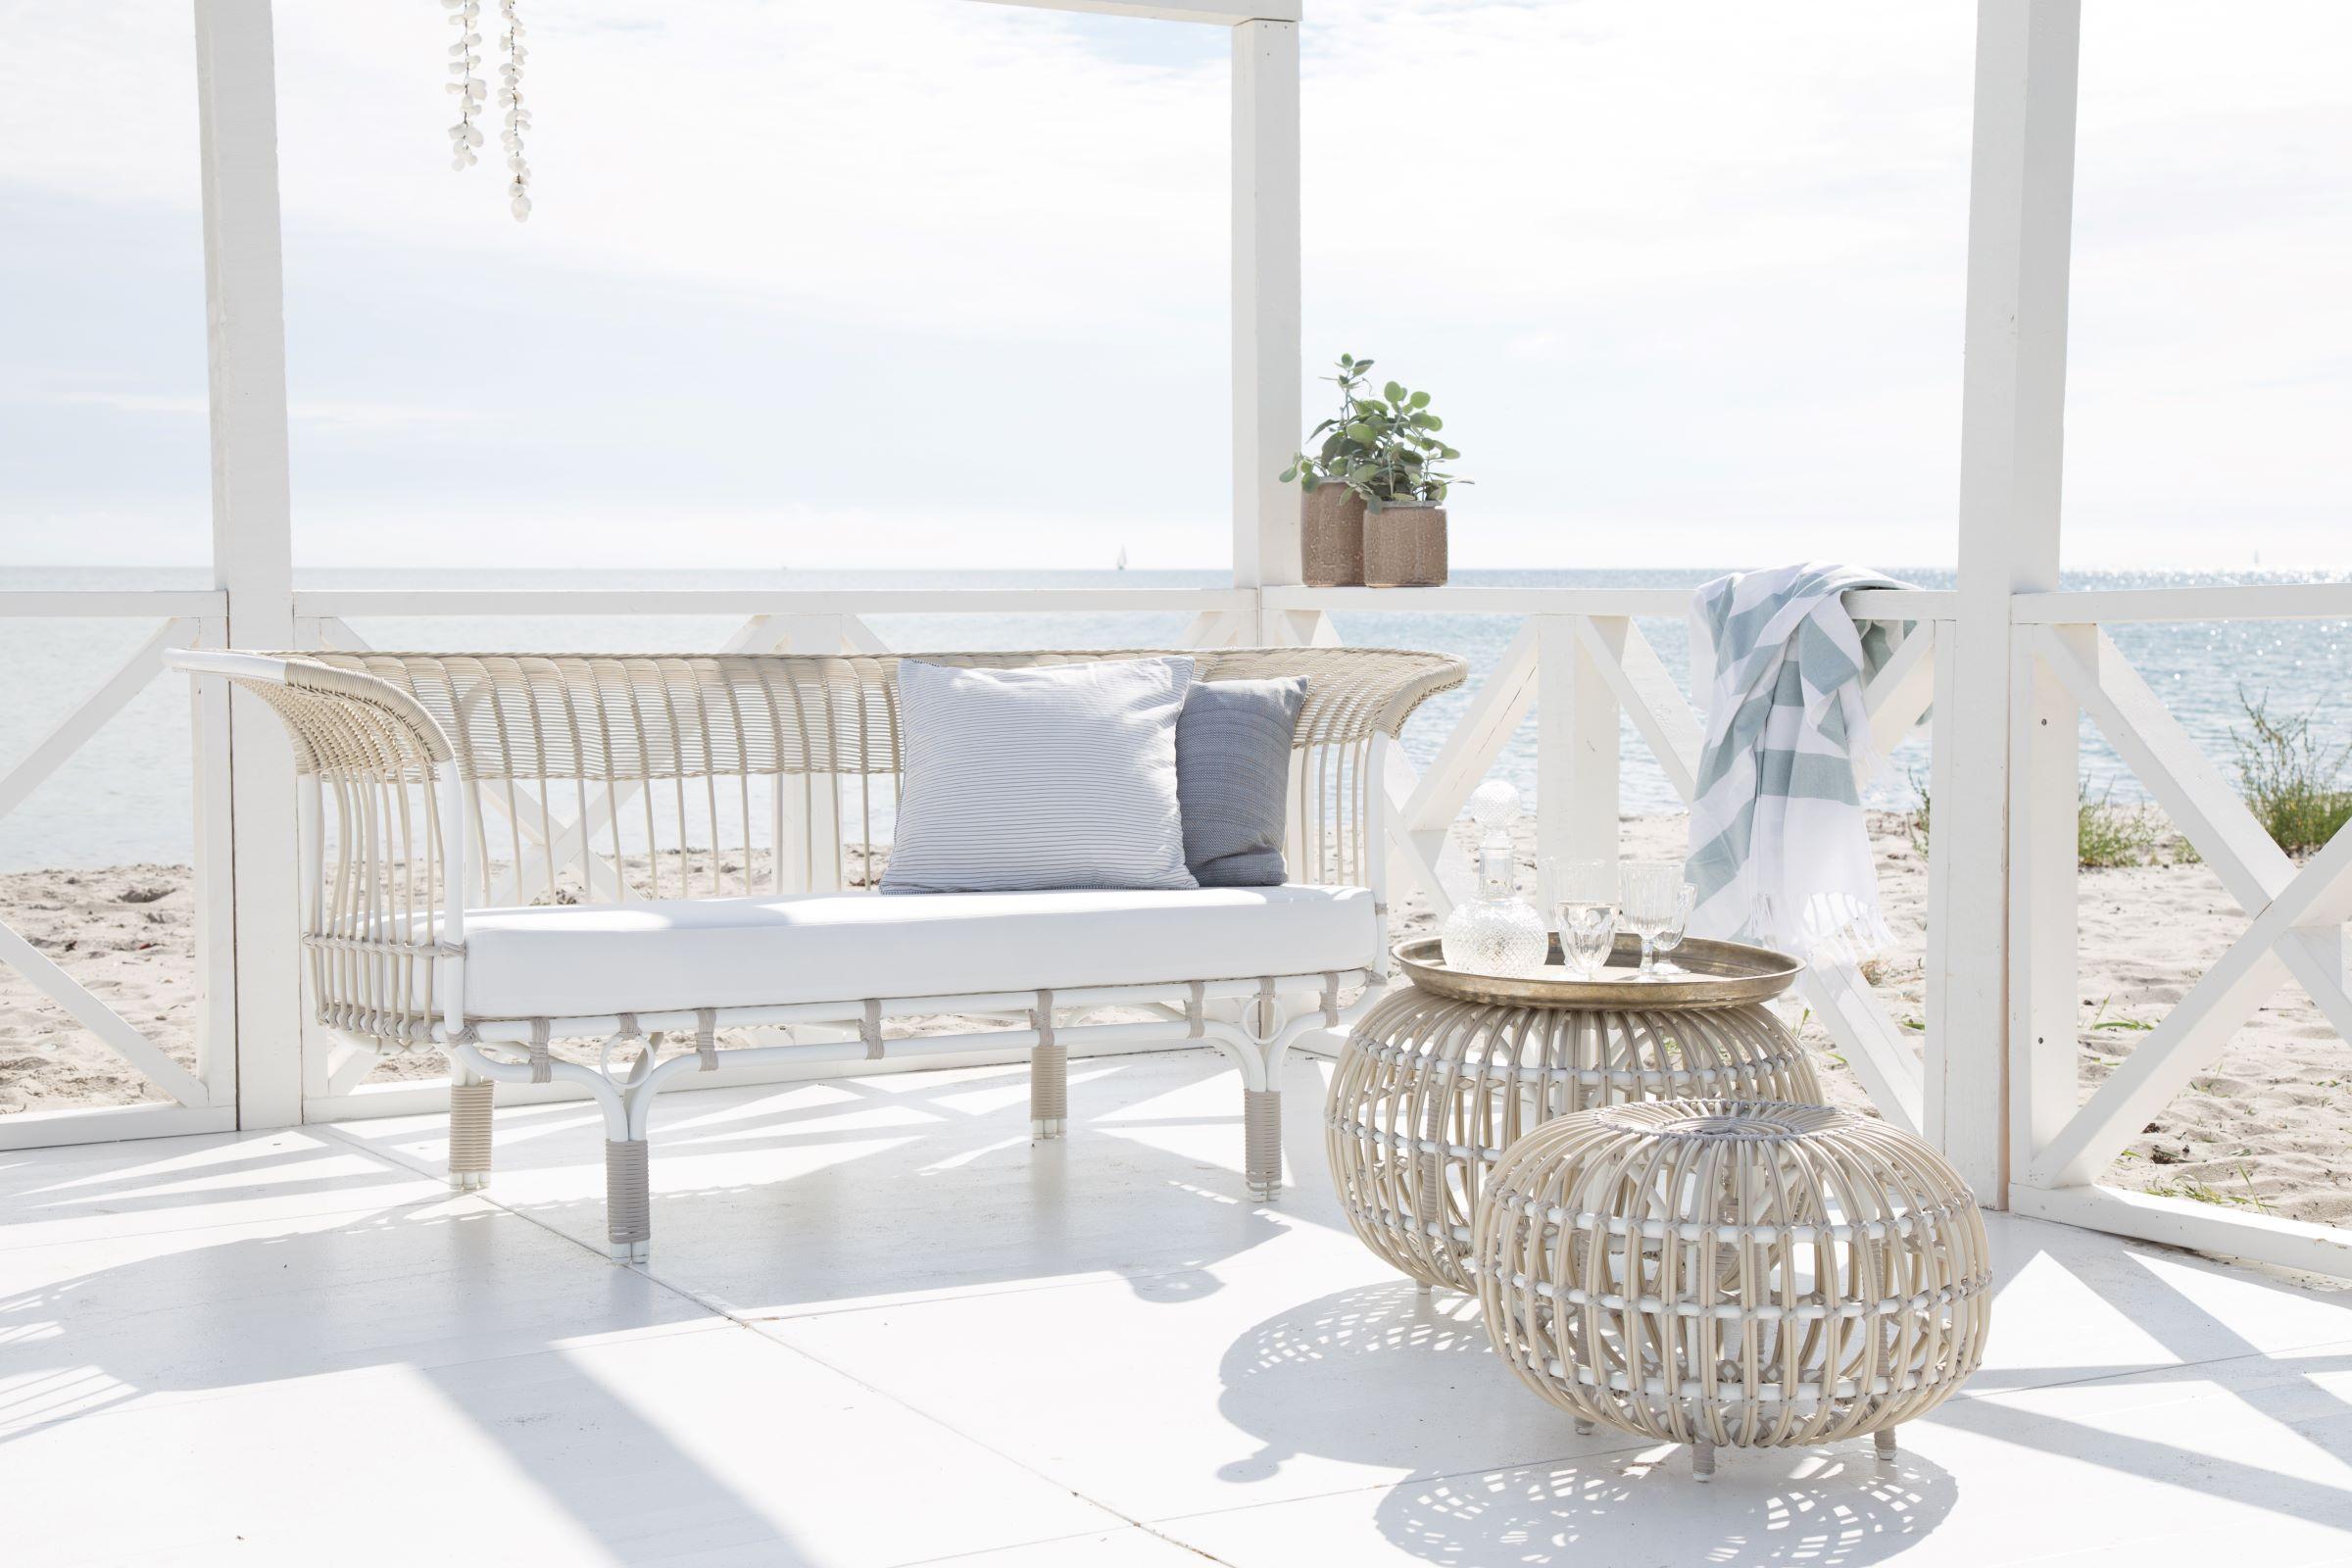 fa-e90-franco-albini-belladonna-sofa-ottoman-beach.jpg